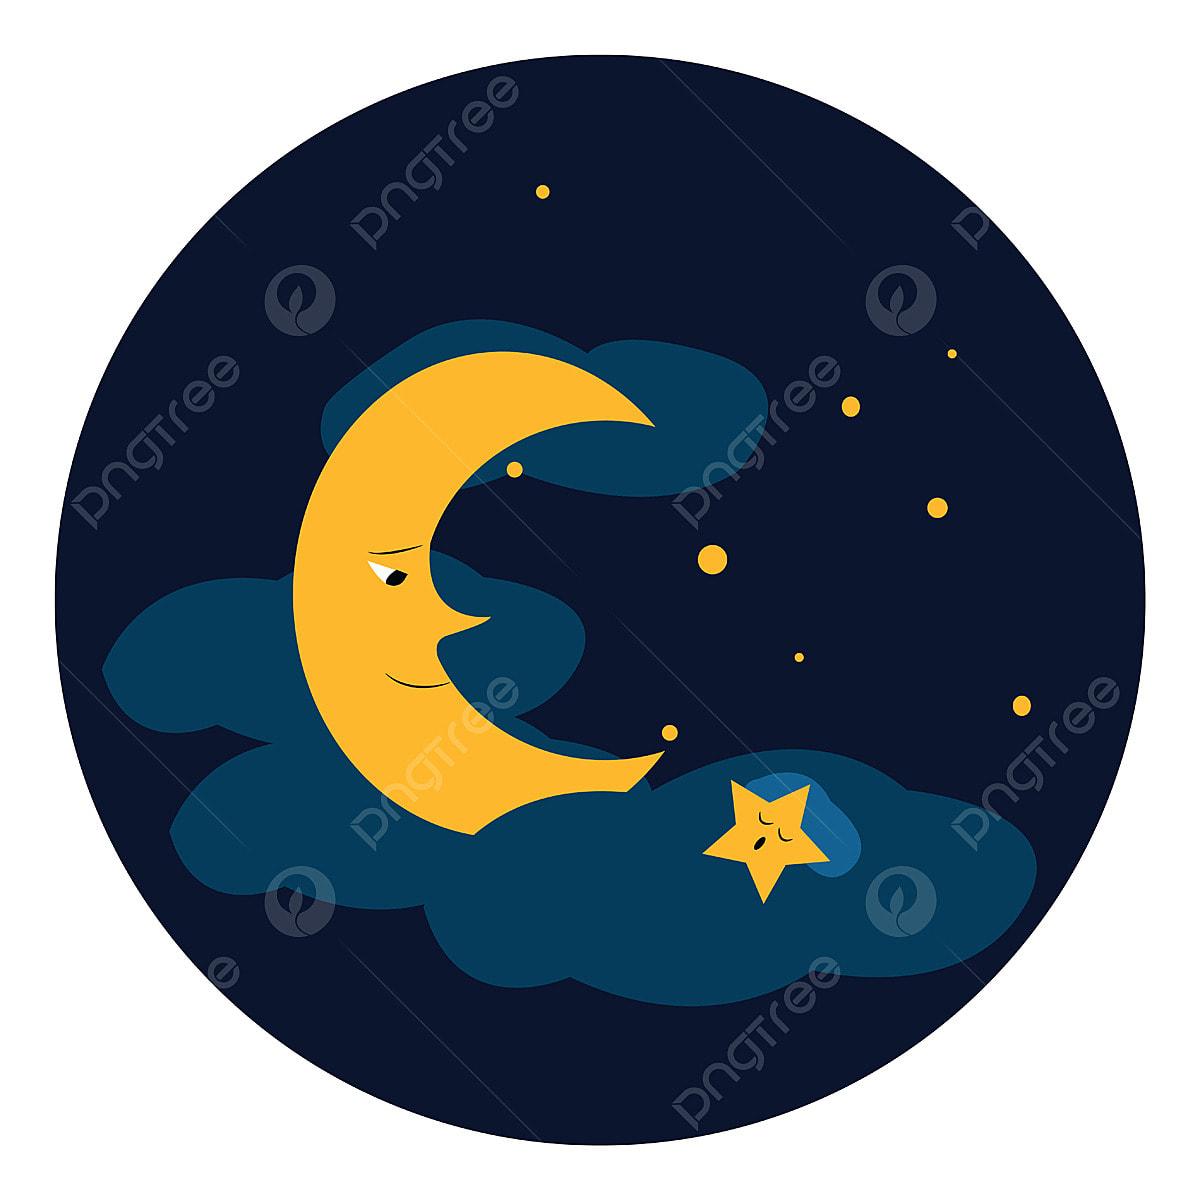 Clipart D Un Ciel Bleu Avec Des Etoiles Scintillantes Et Vecto De La Lune Lune Rever Lumiere Png Et Vecteur Pour Telechargement Gratuit